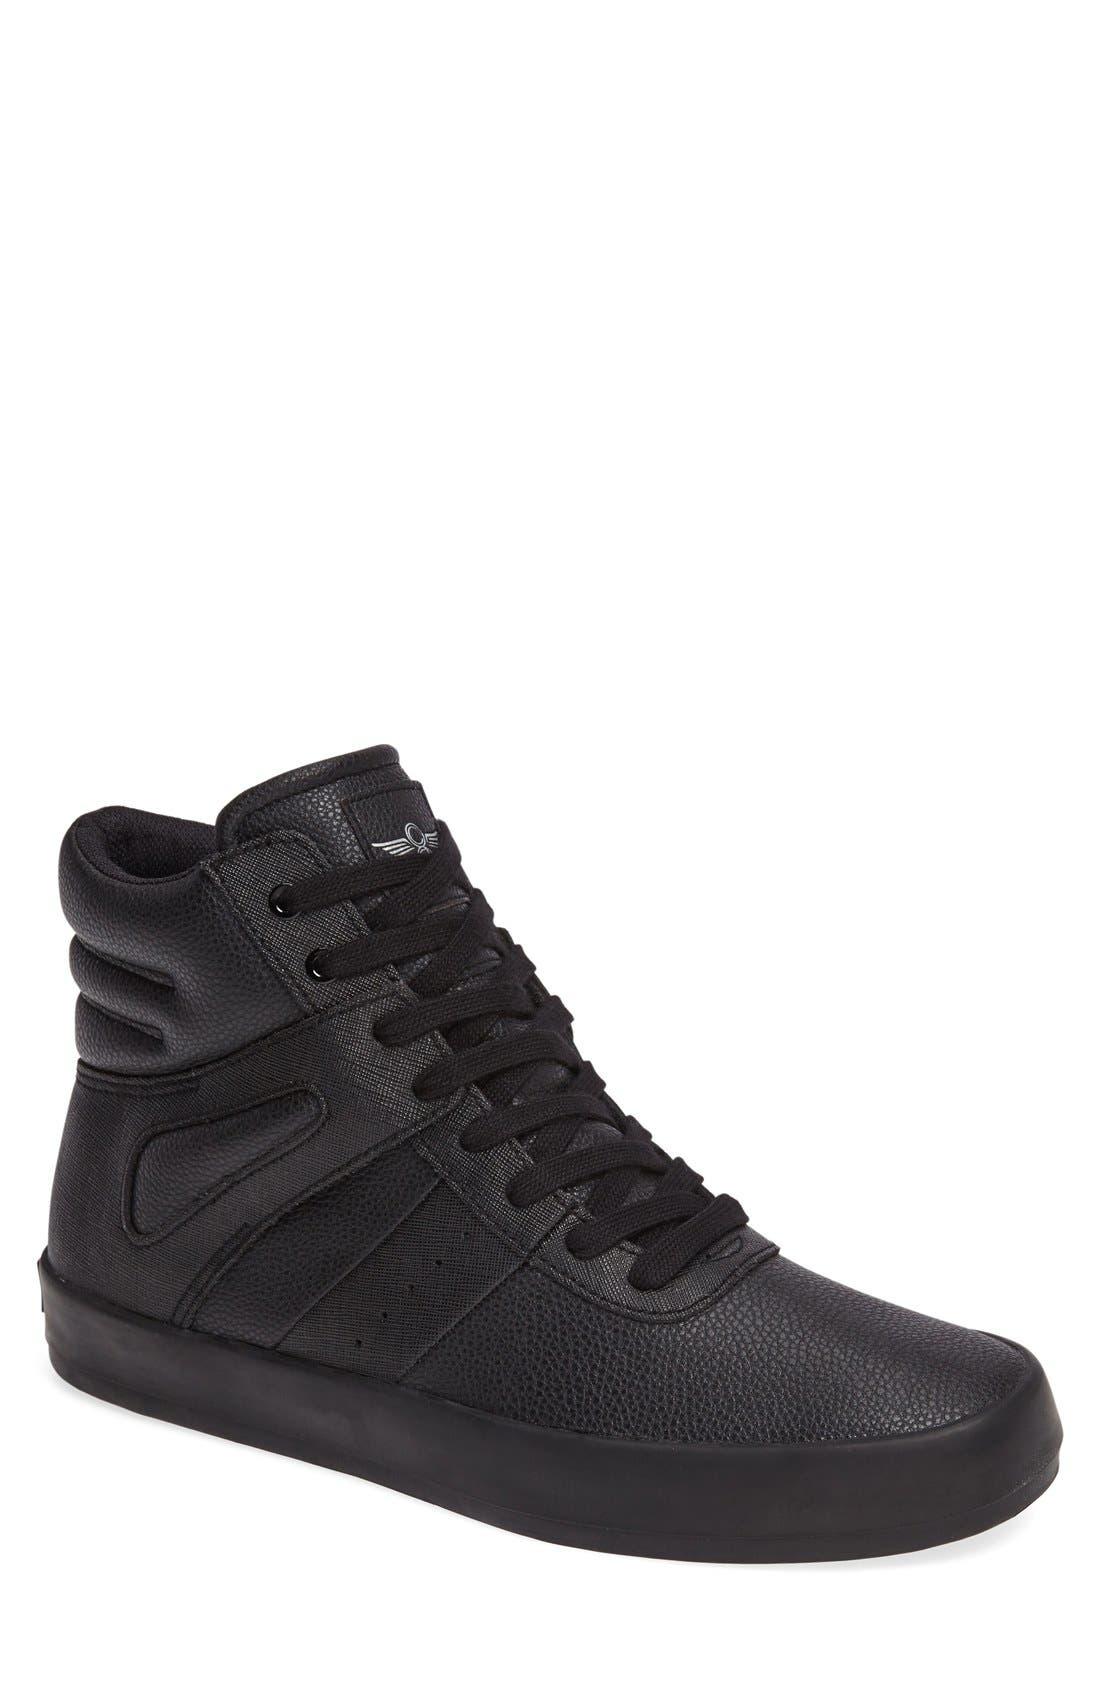 'Moretti' Sneaker,                             Main thumbnail 1, color,